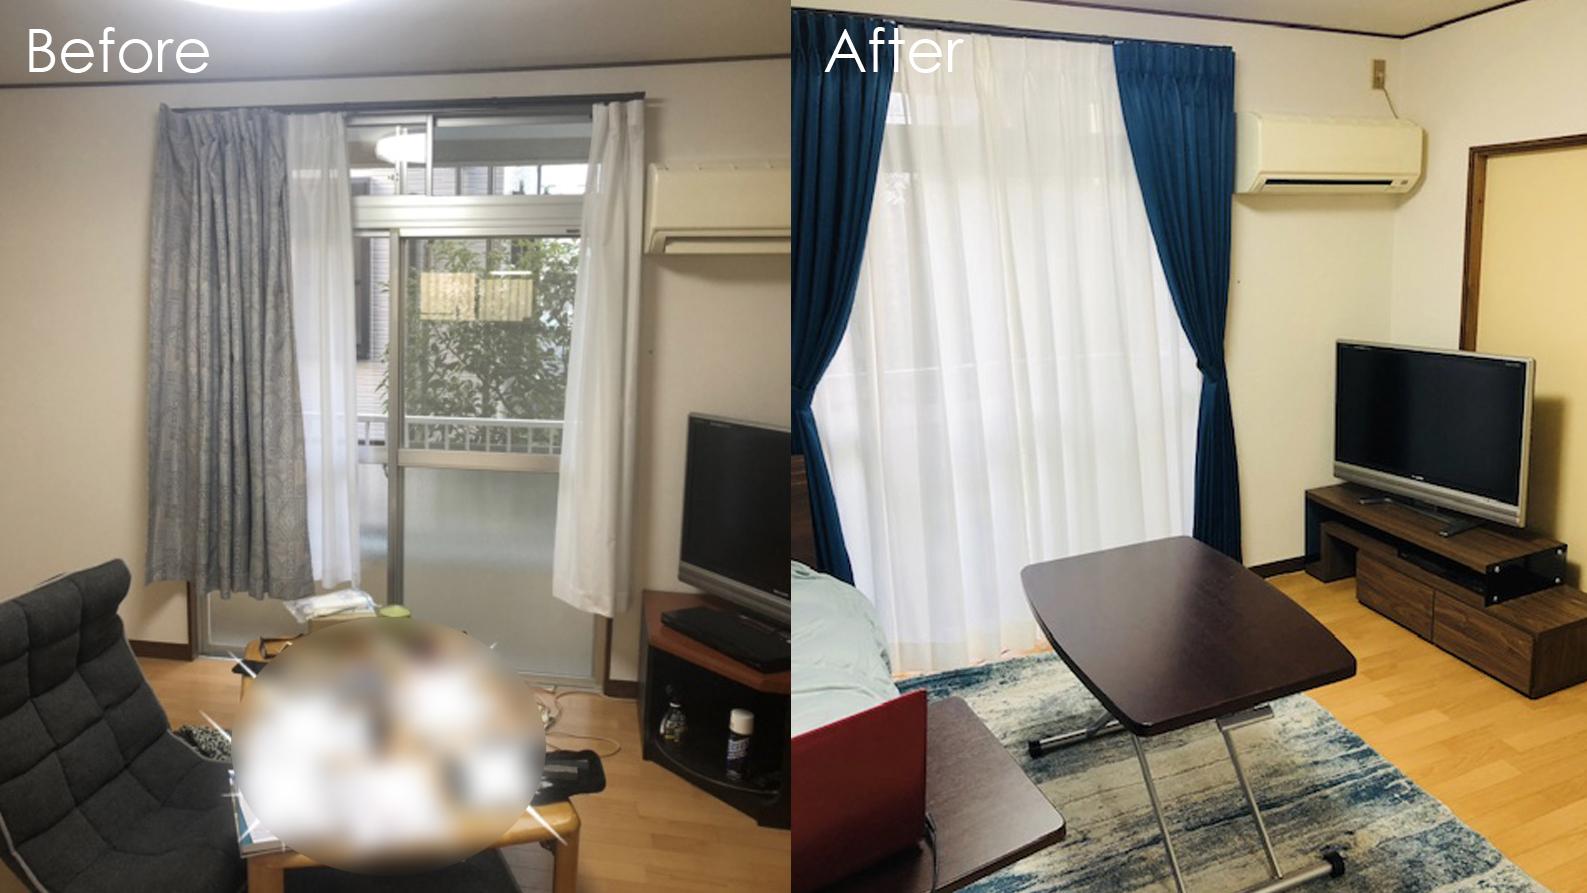 ブラウン系の家具にブルーをアクセントにした男性一人暮らしの部屋